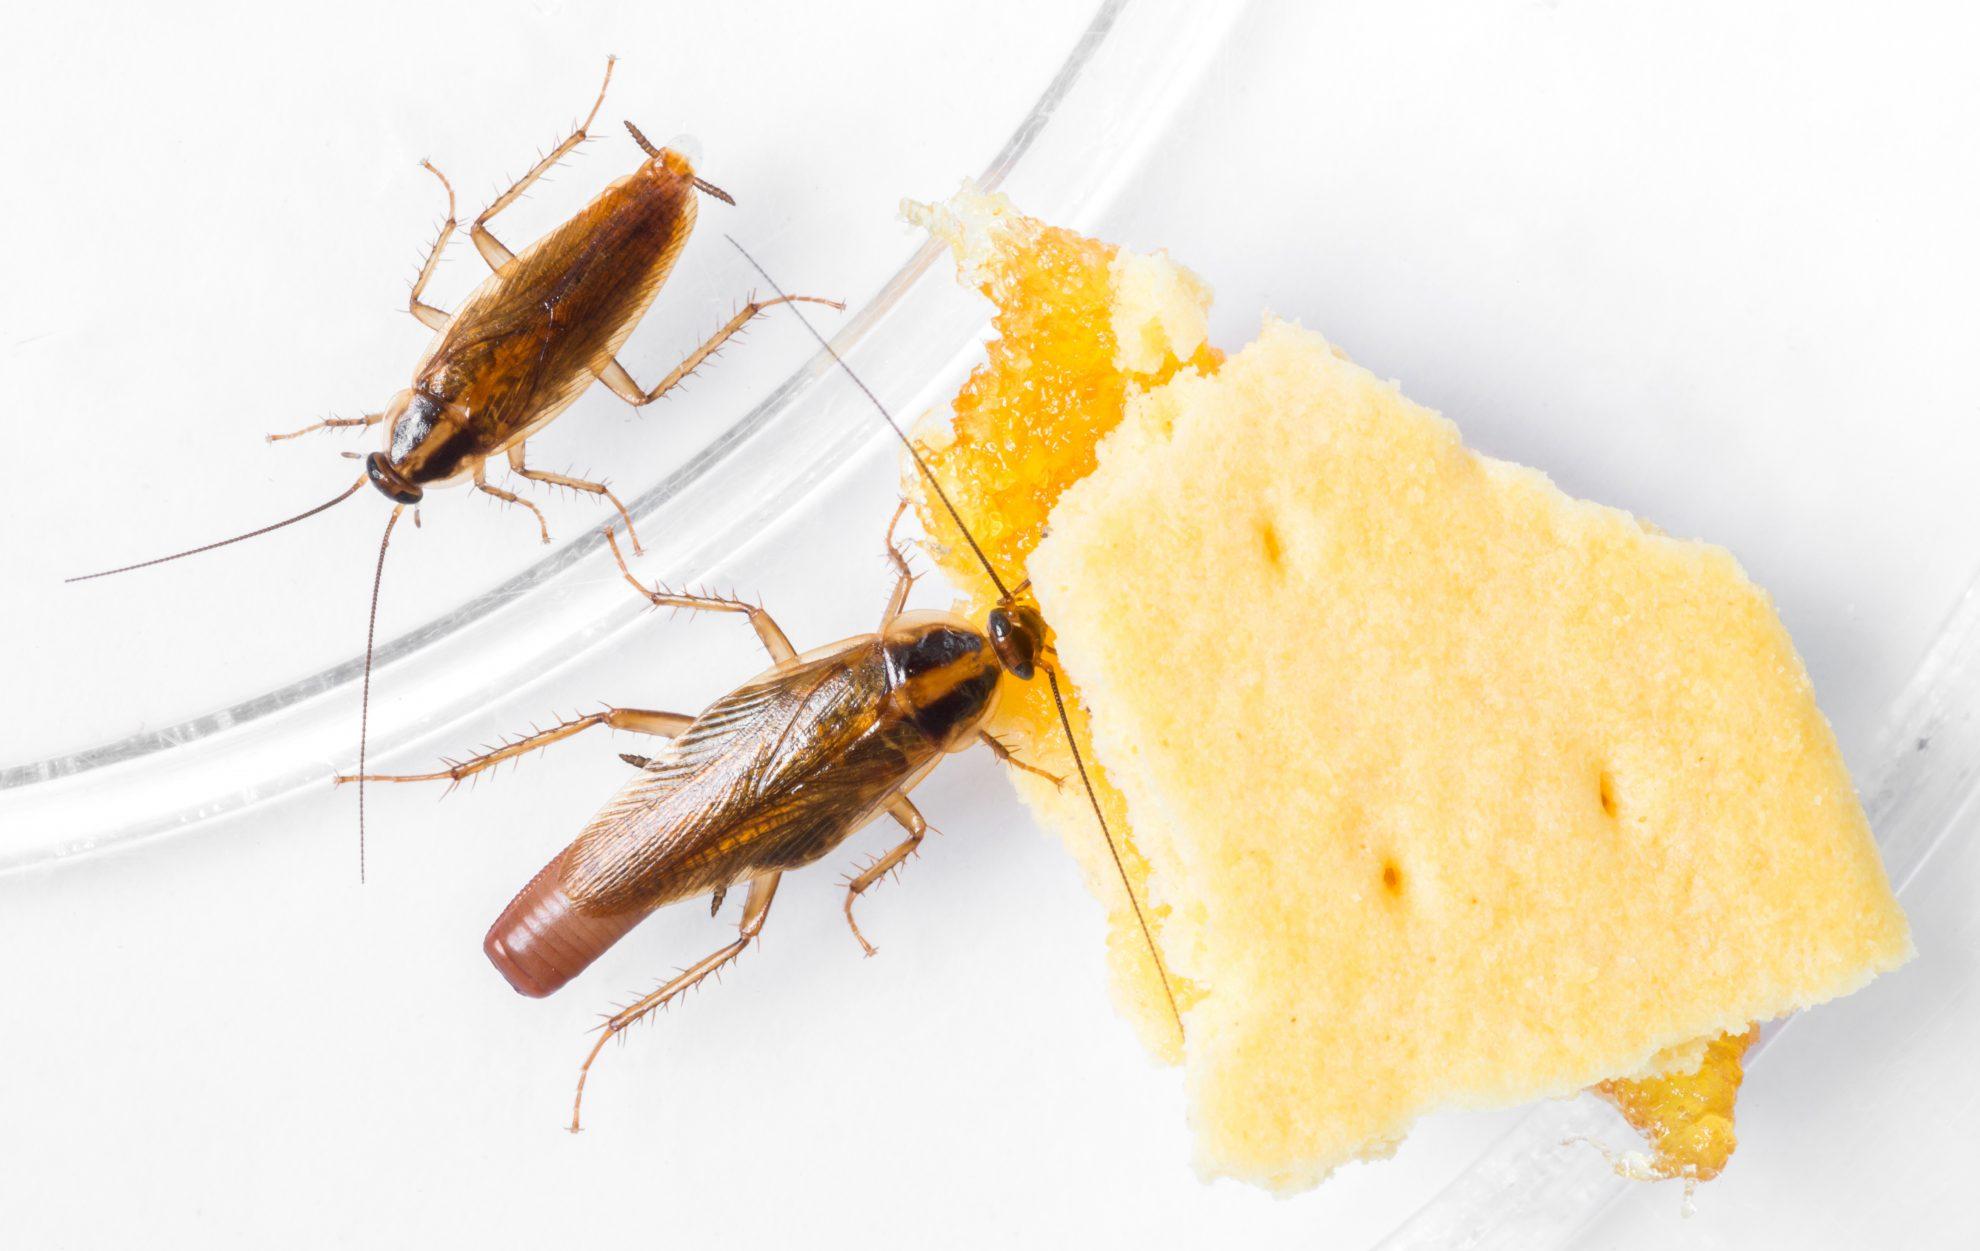 Blattella germanica german cockroach eating pineapple filled biscuit